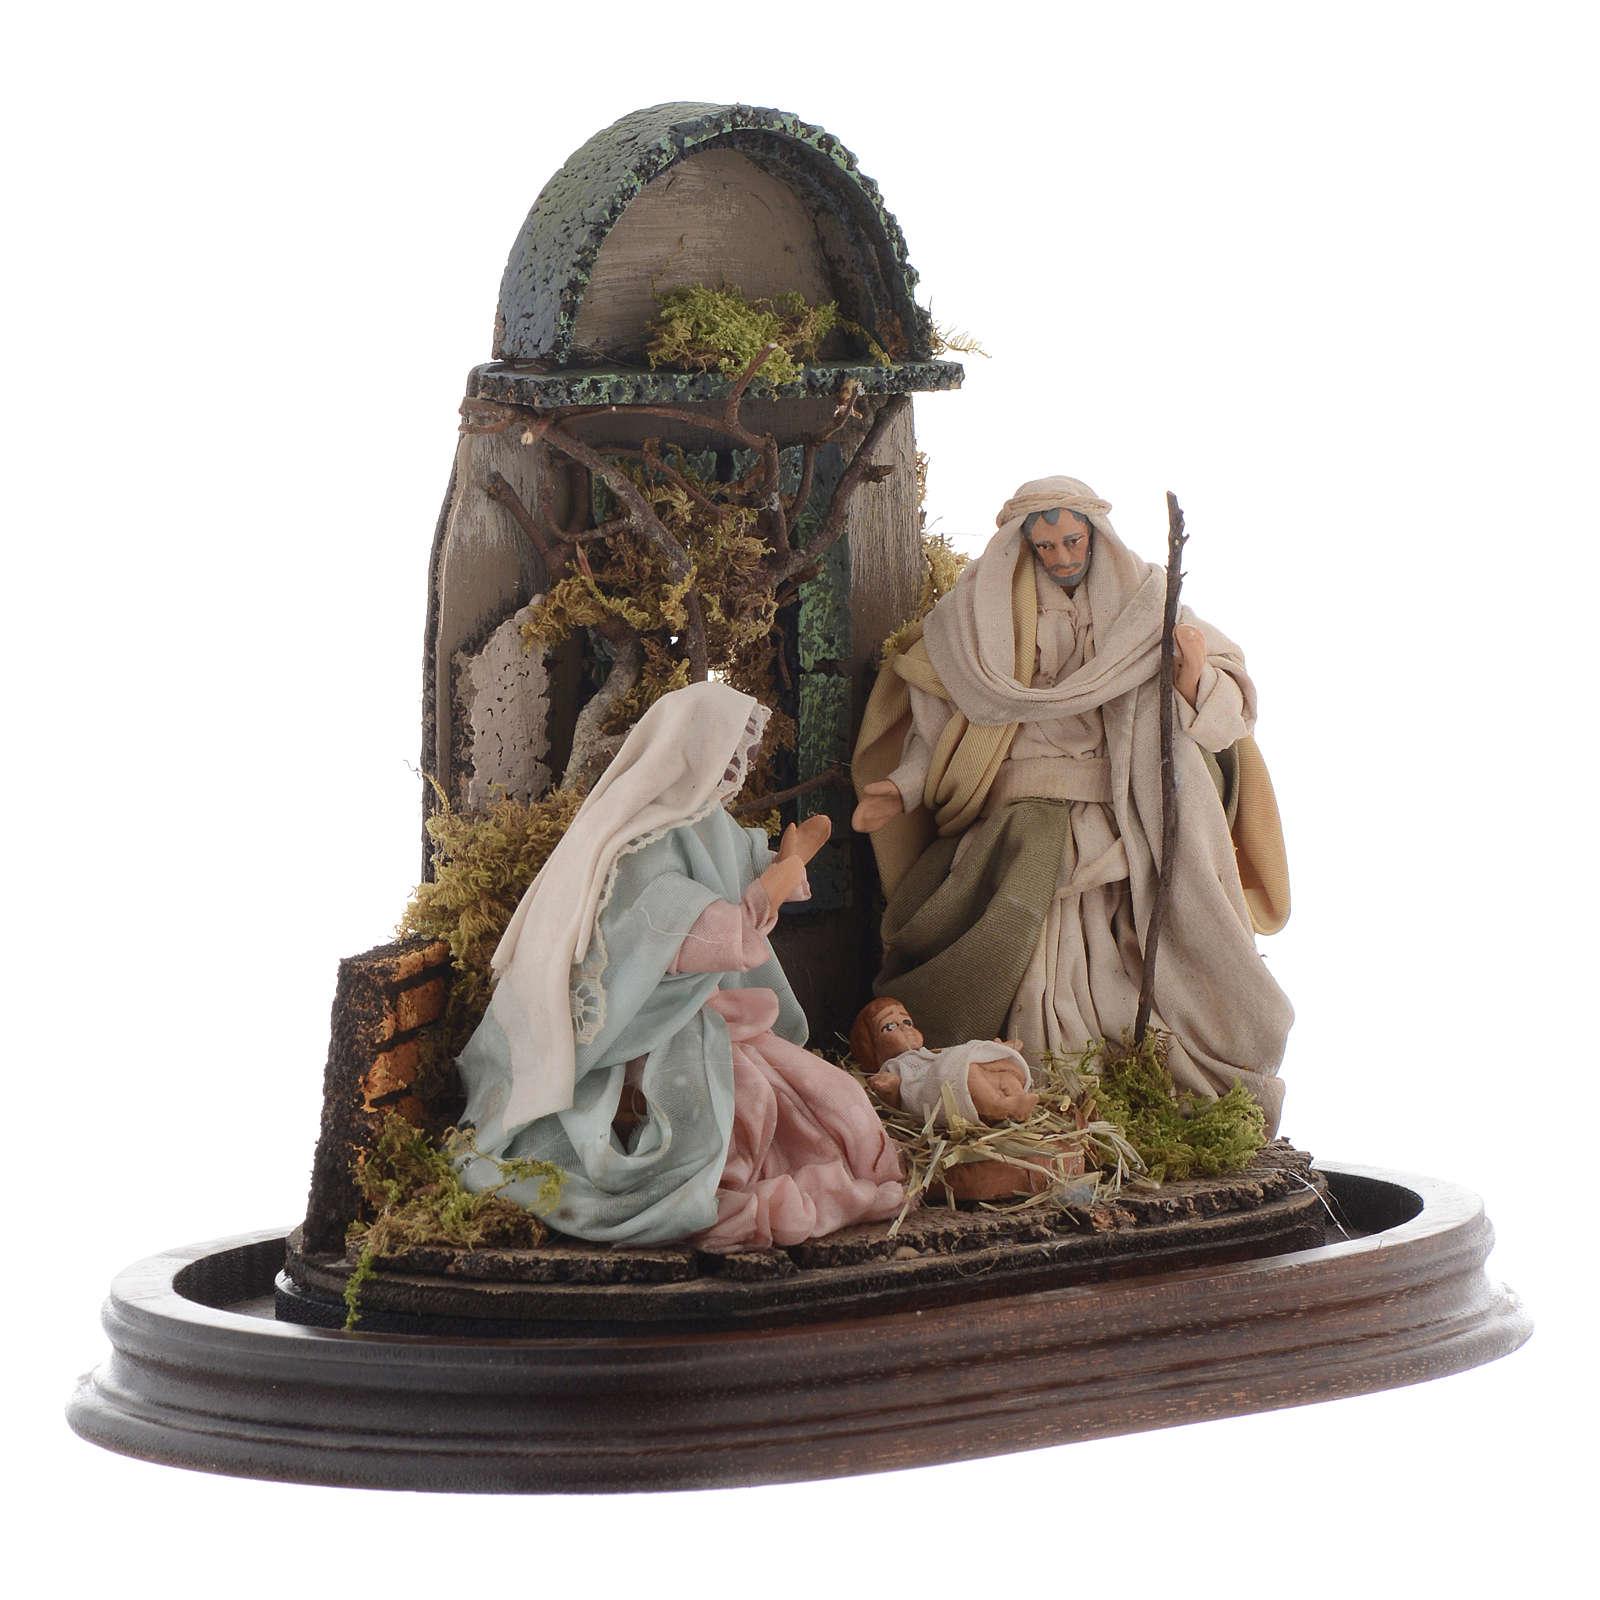 Neapolitan Nativity Scene Holy Family in glass dome 25x25 cm 4